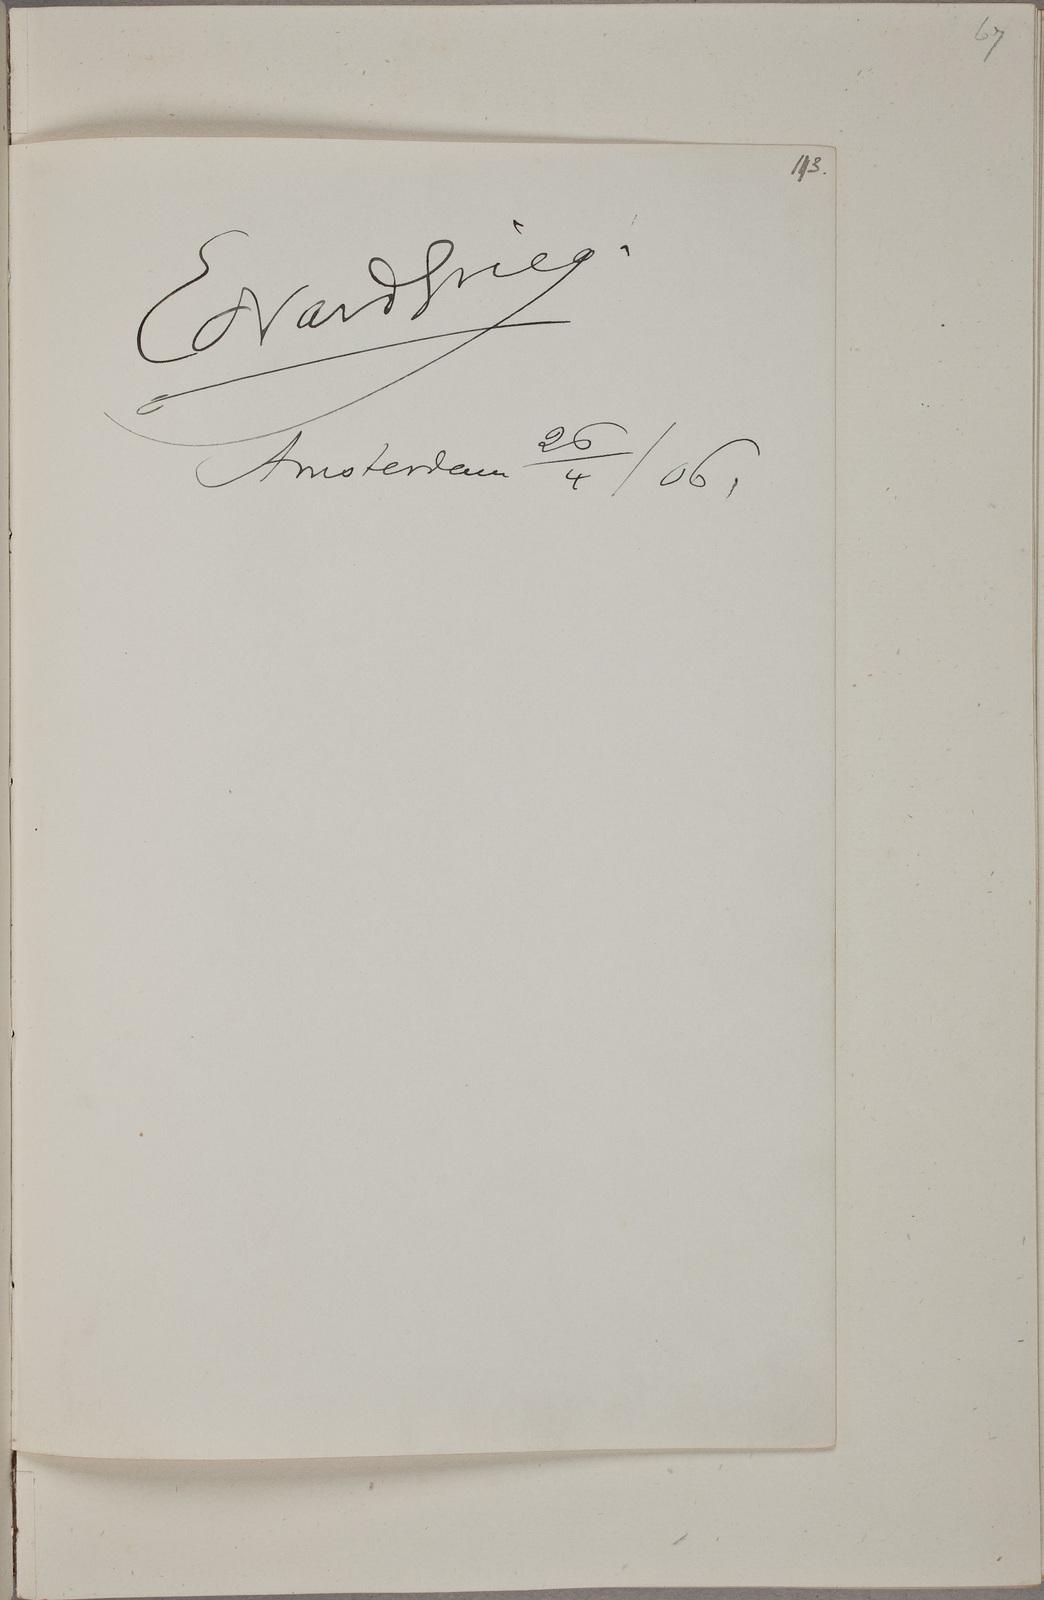 Handtekening / van Edvard Grieg (1843-1907), componist, in het autografenalbum van Rudolf Hugo Driessen (1873-1946) en Caroline Driessen-Kleyn (1883-1938)